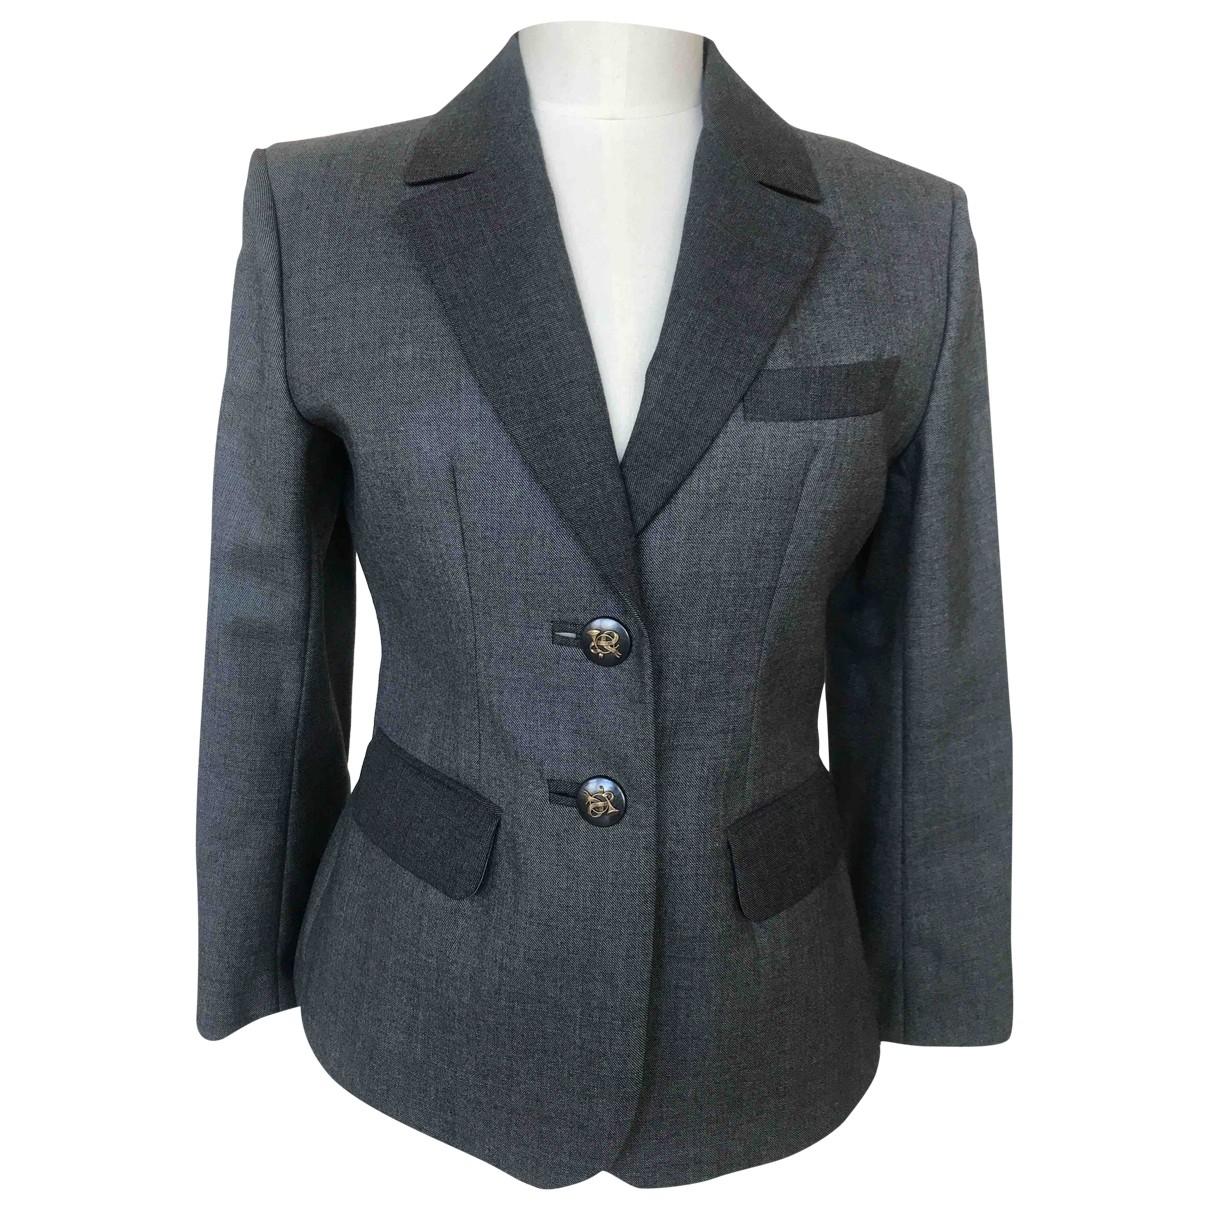 Hermes \N Jacke in  Grau Wolle